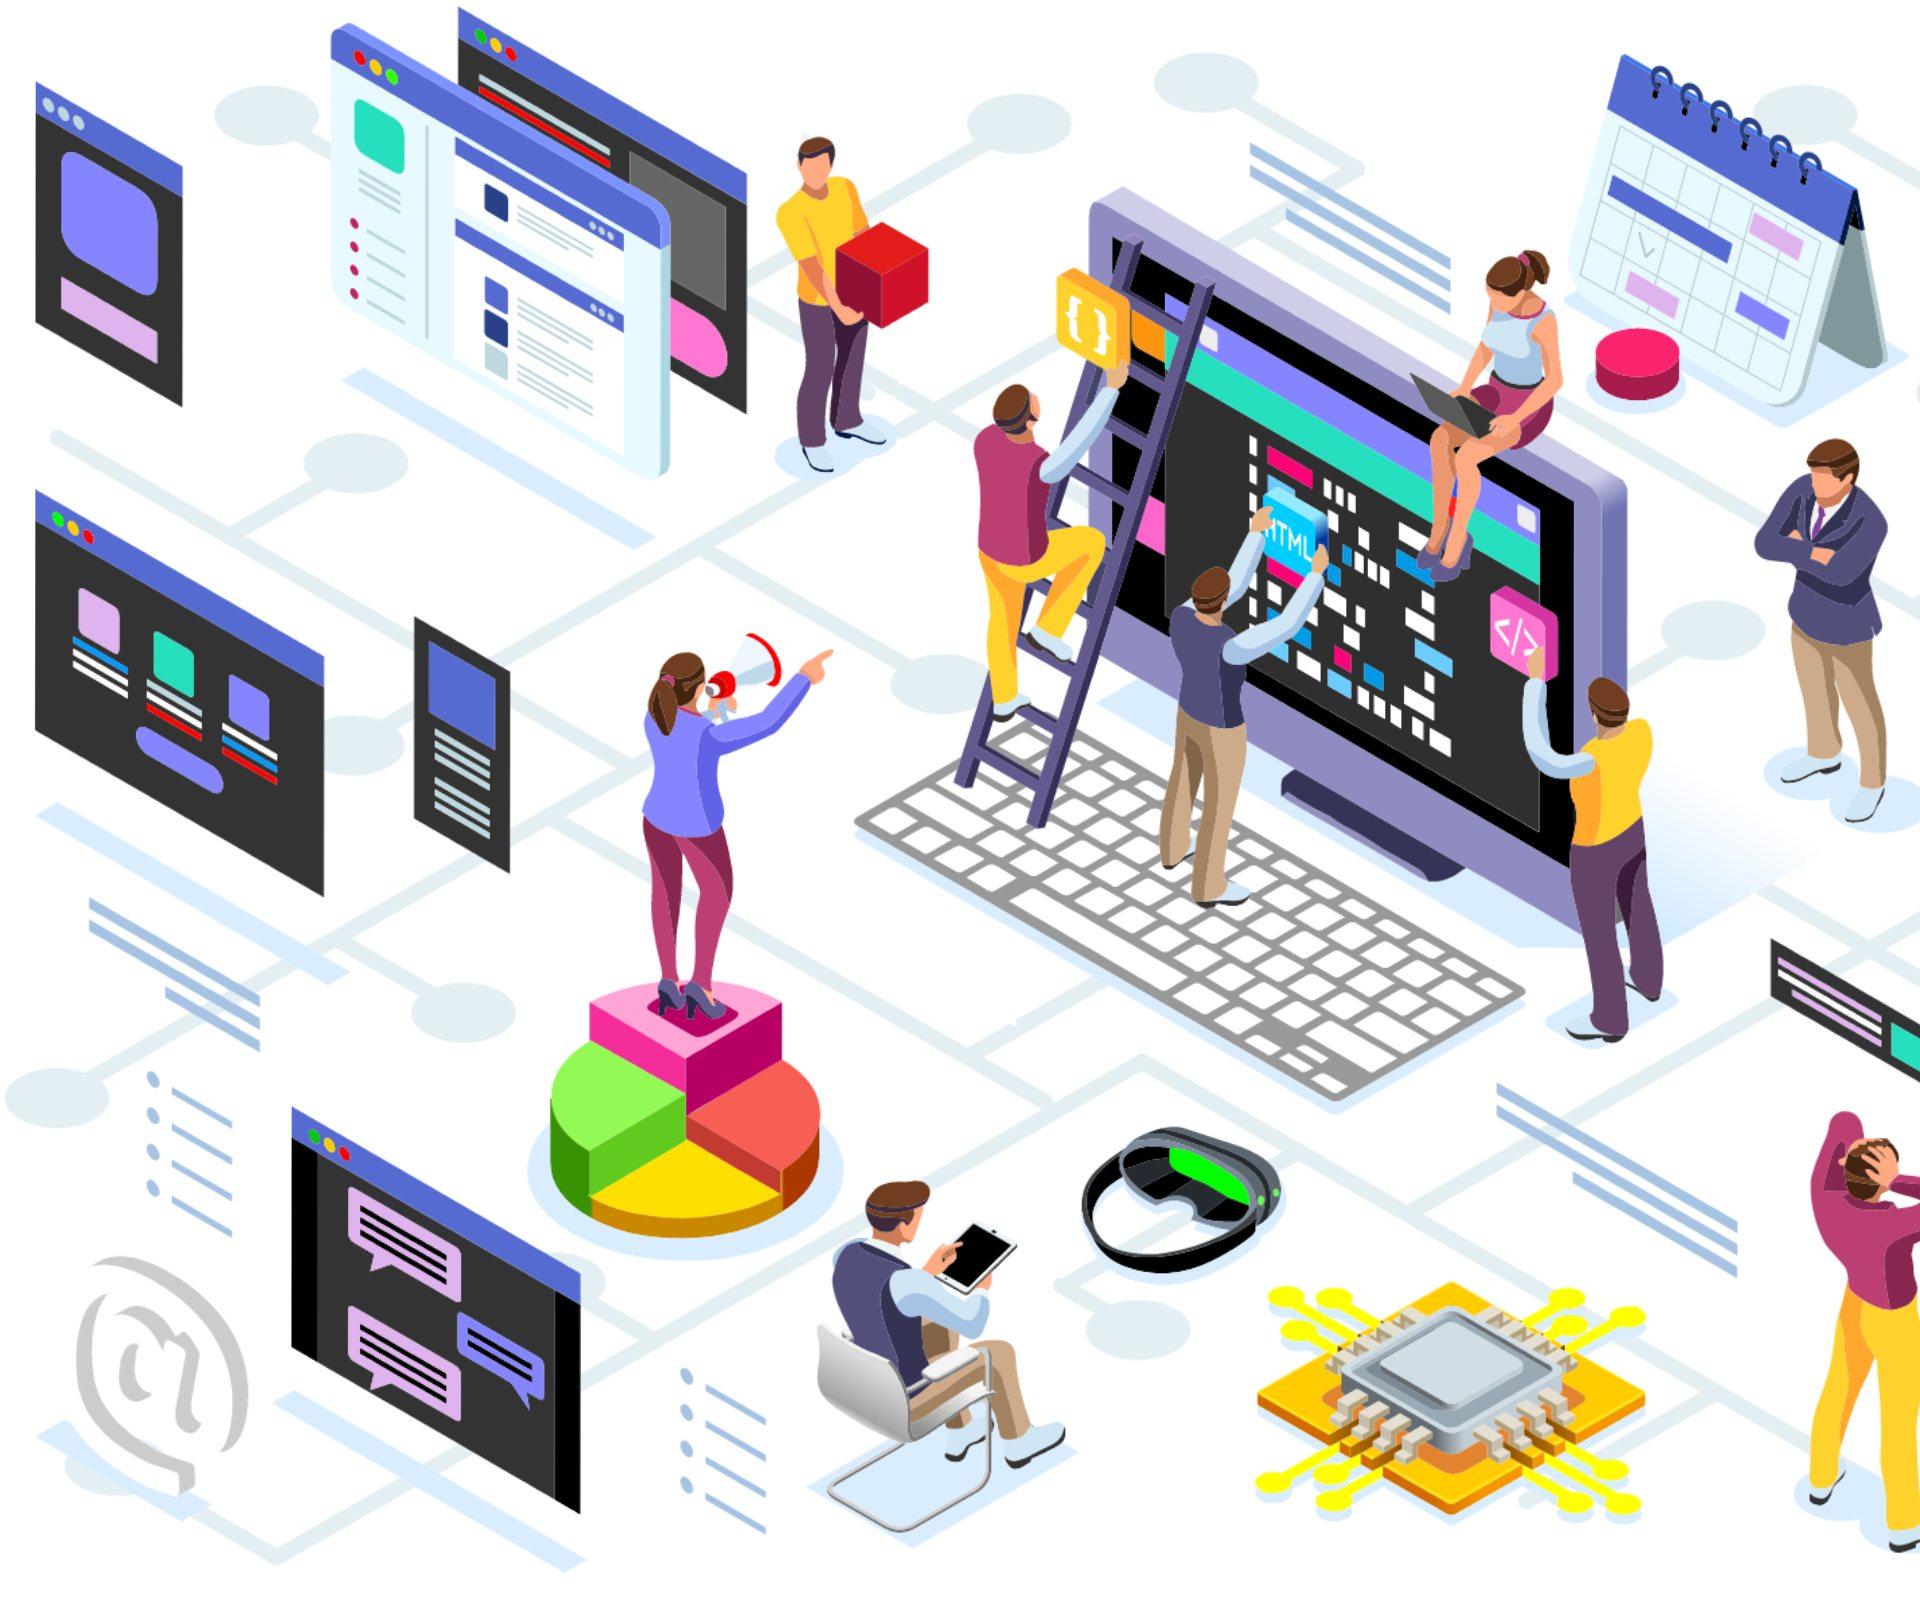 logiciel-hds-5-règles-hebergement-données-santé